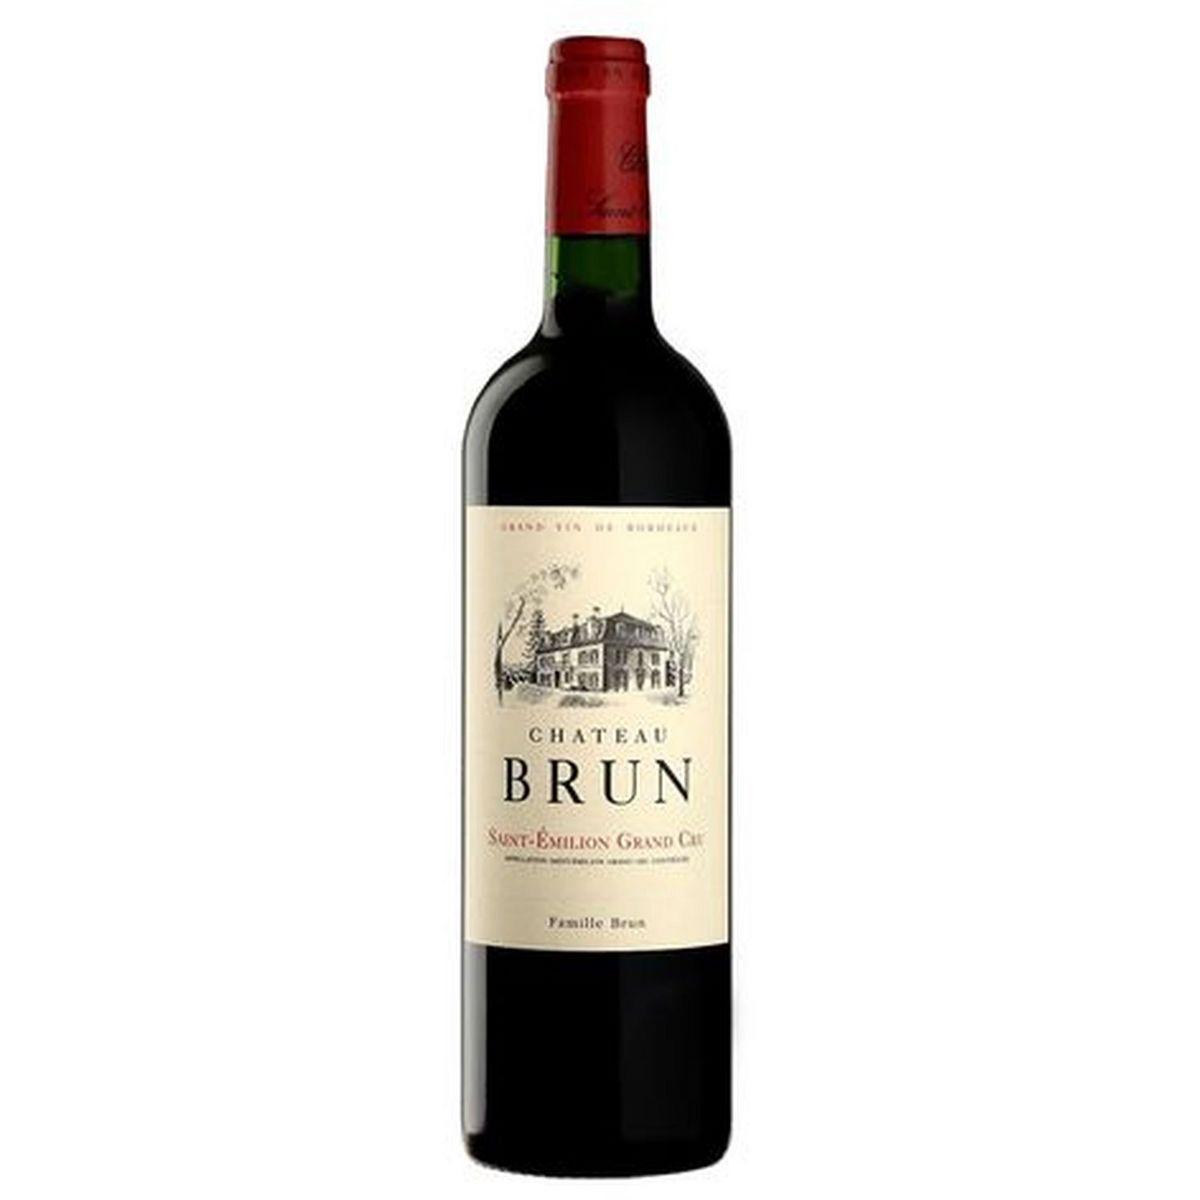 AOP Saint-Emilion grand cru Château Brun rouge 2018